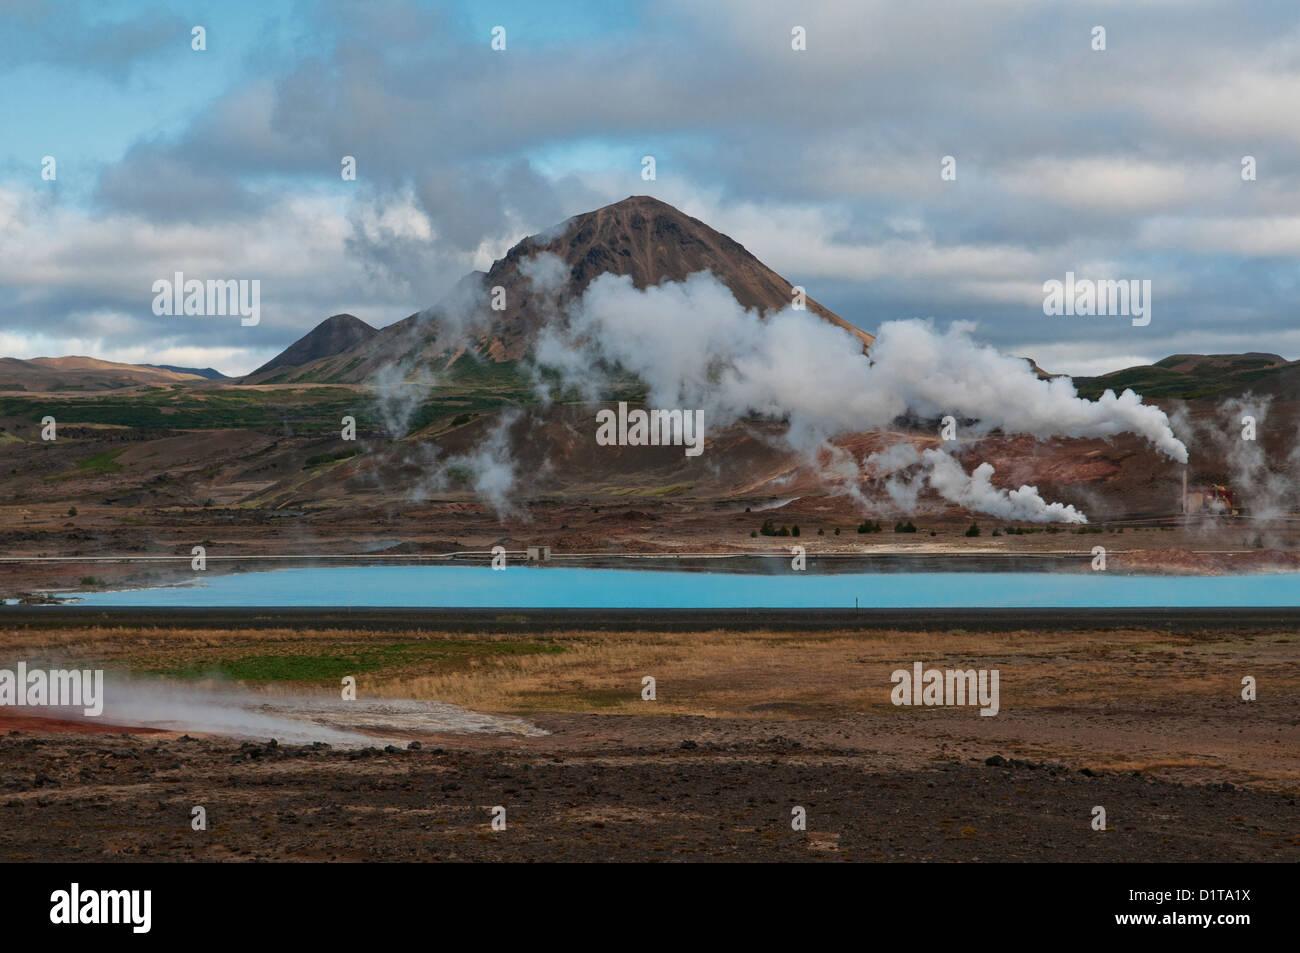 La geotermia e il paesaggio vulcanico vicino al Lago Myvatn, Islanda Immagini Stock